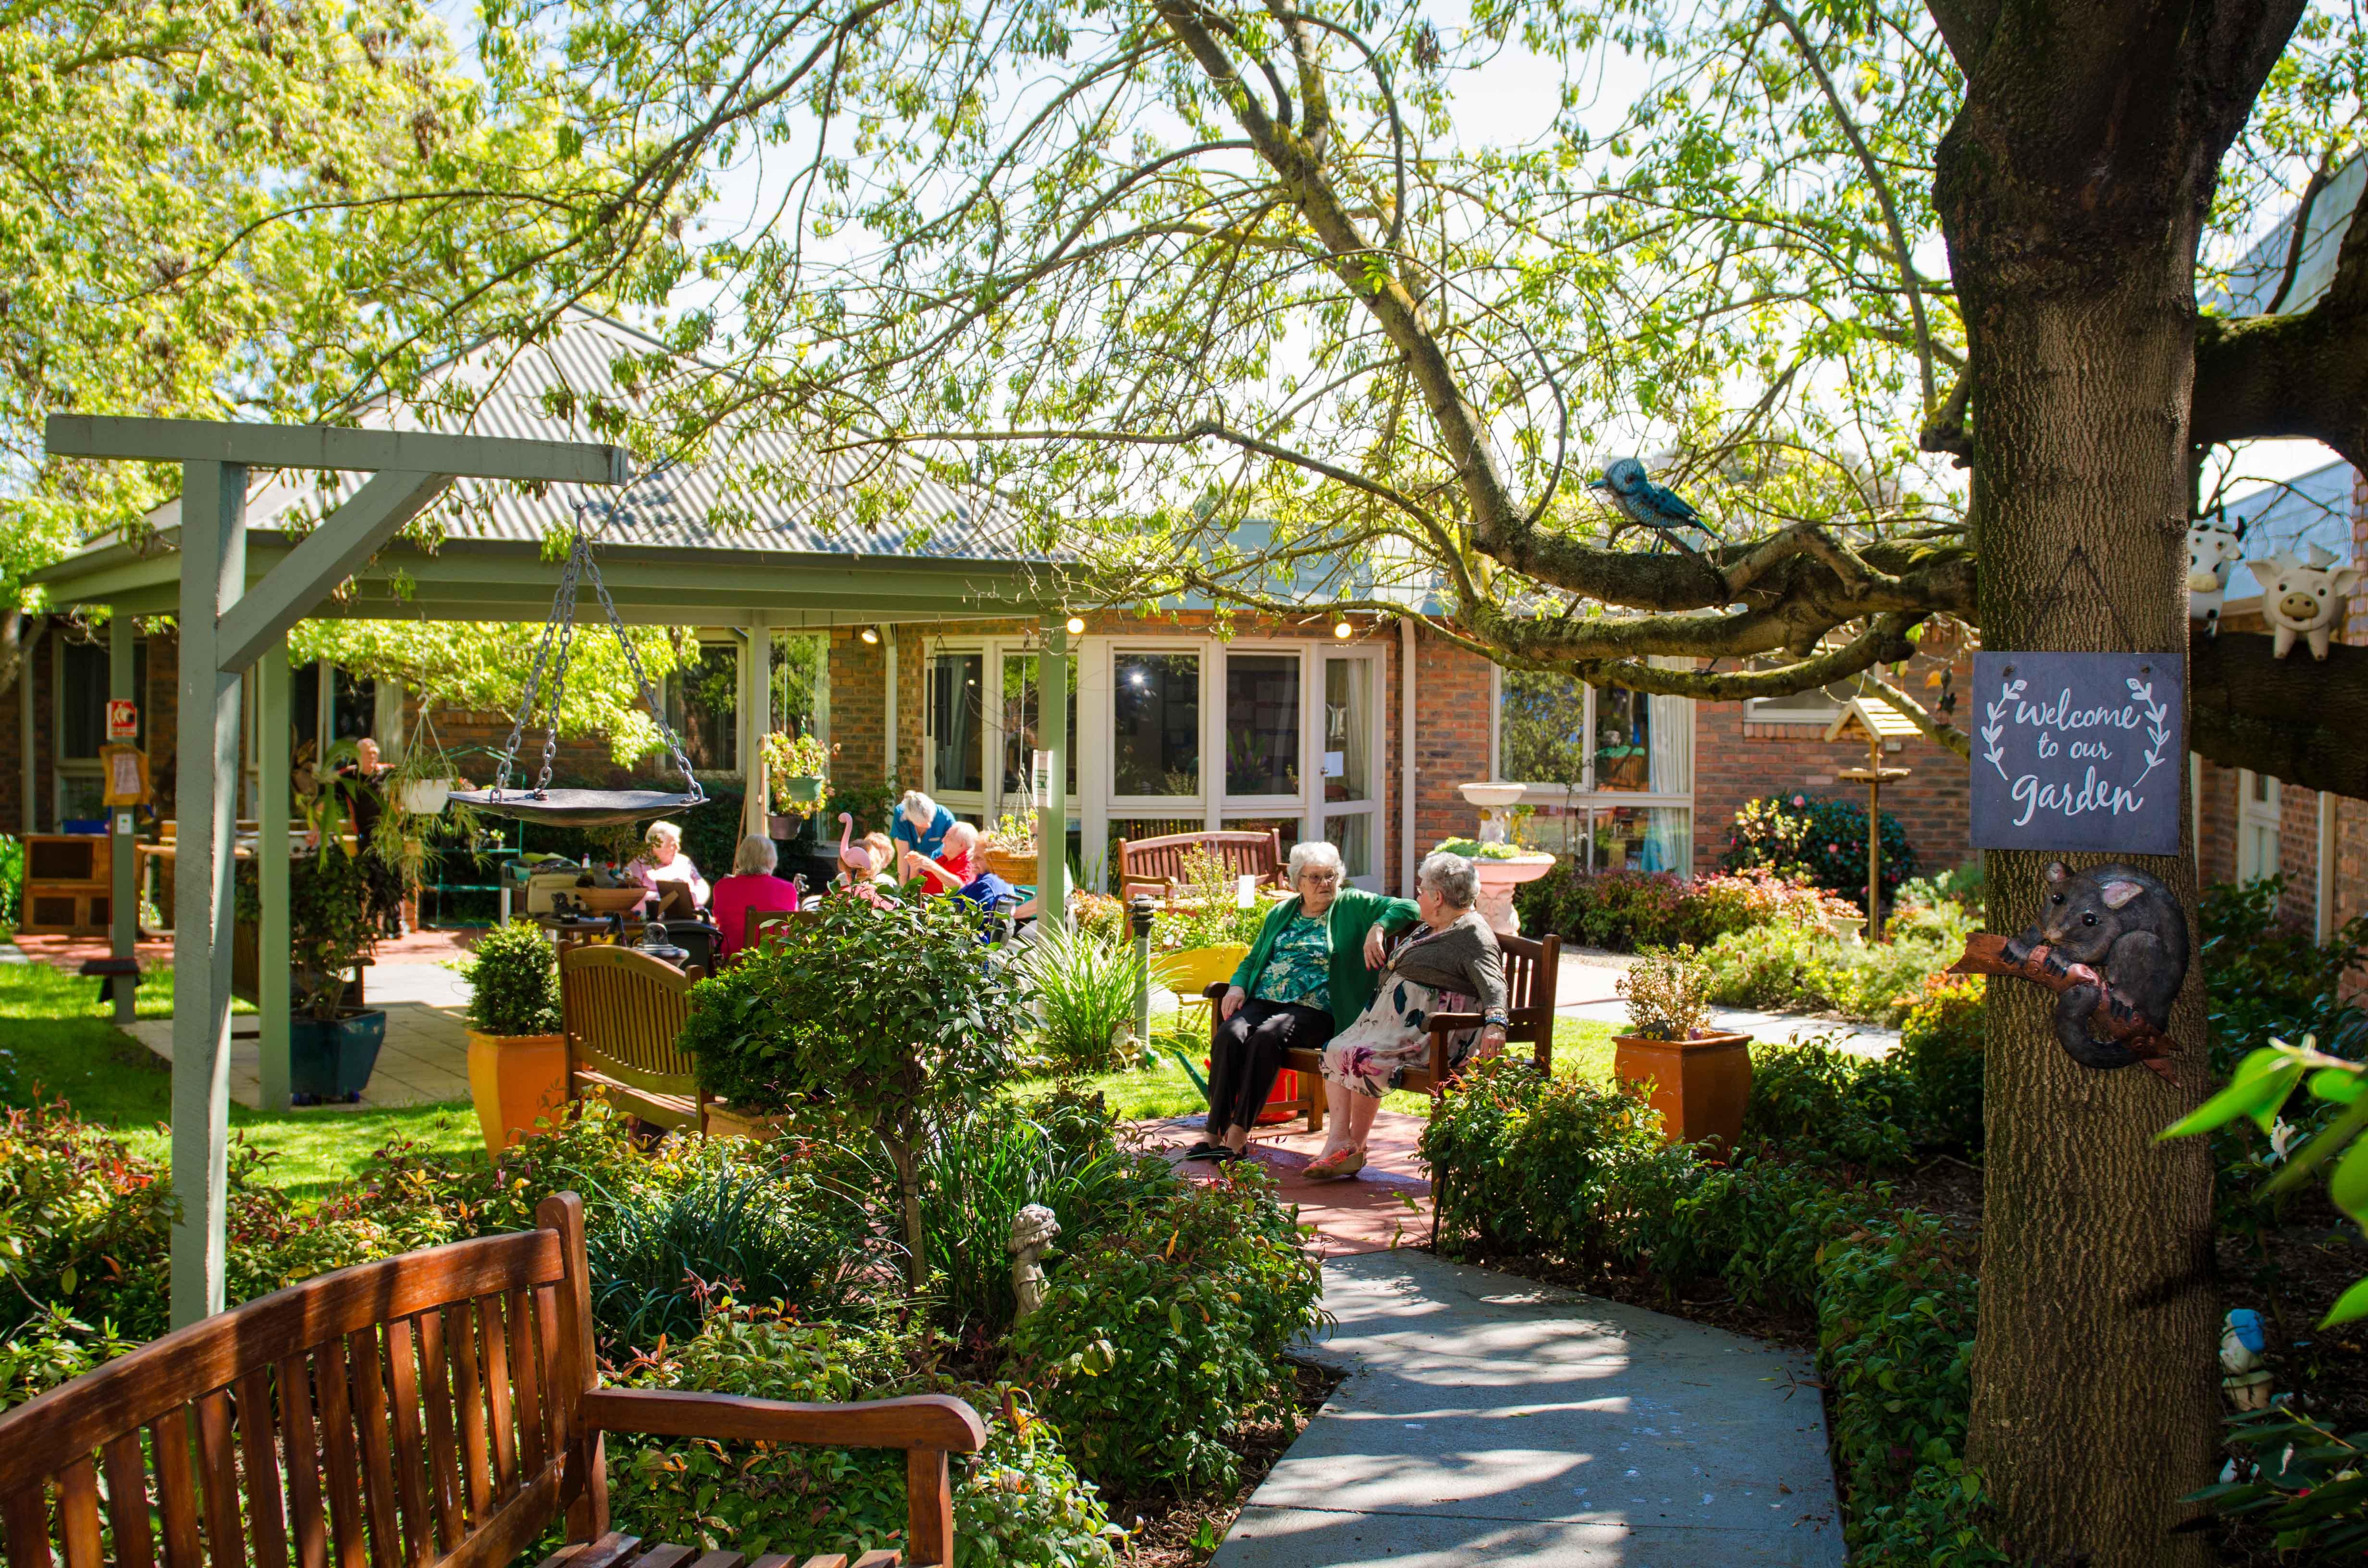 Clarendon Grange, Bayswater VIC 3153 - Clarendon Grange